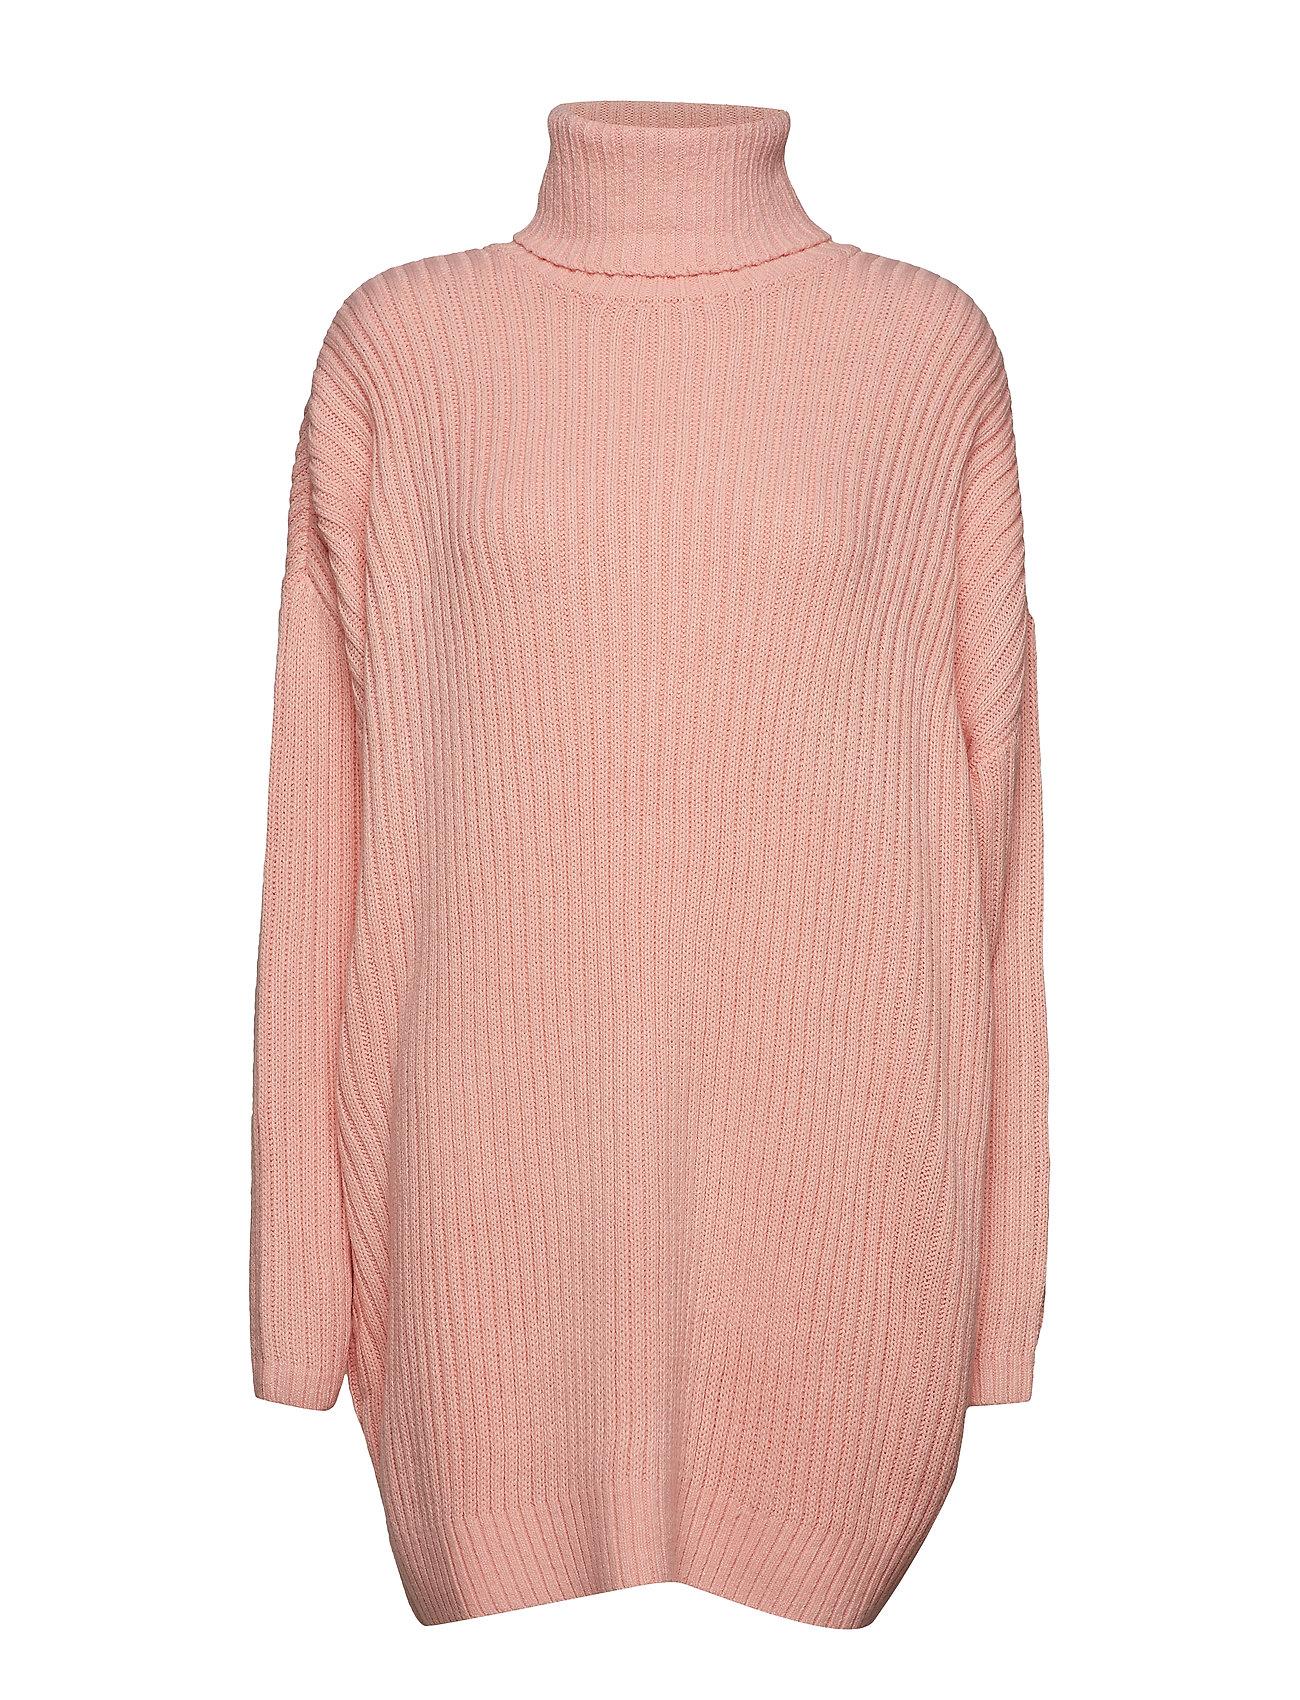 Image of Knitted Dress Strikket Trøje Lyserød IVYREVEL (3120753247)